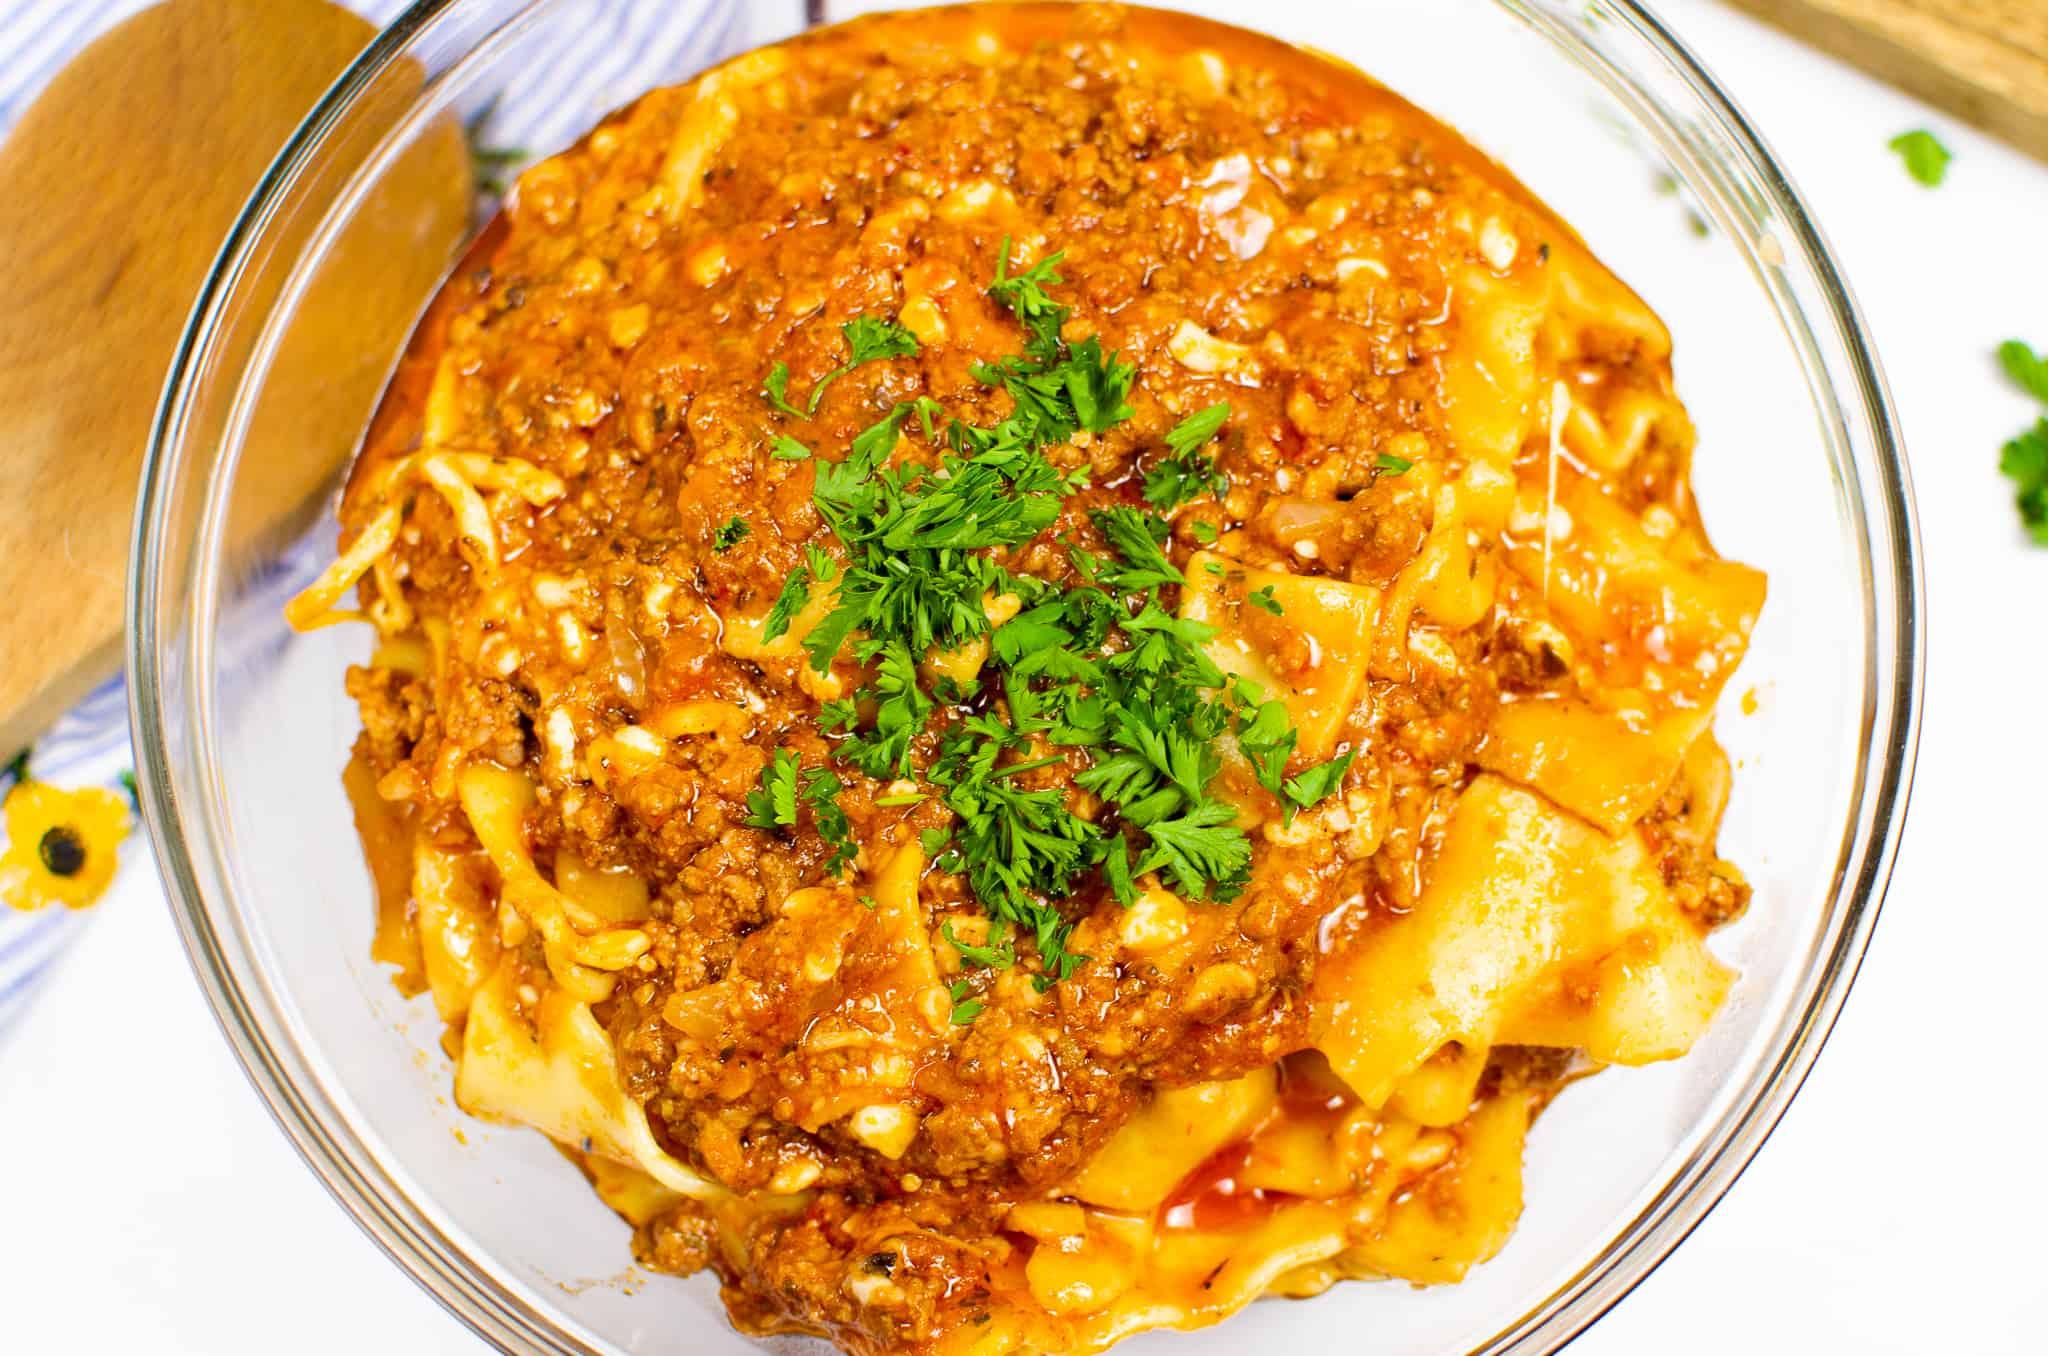 Bowl of Instant Pot Lasagna